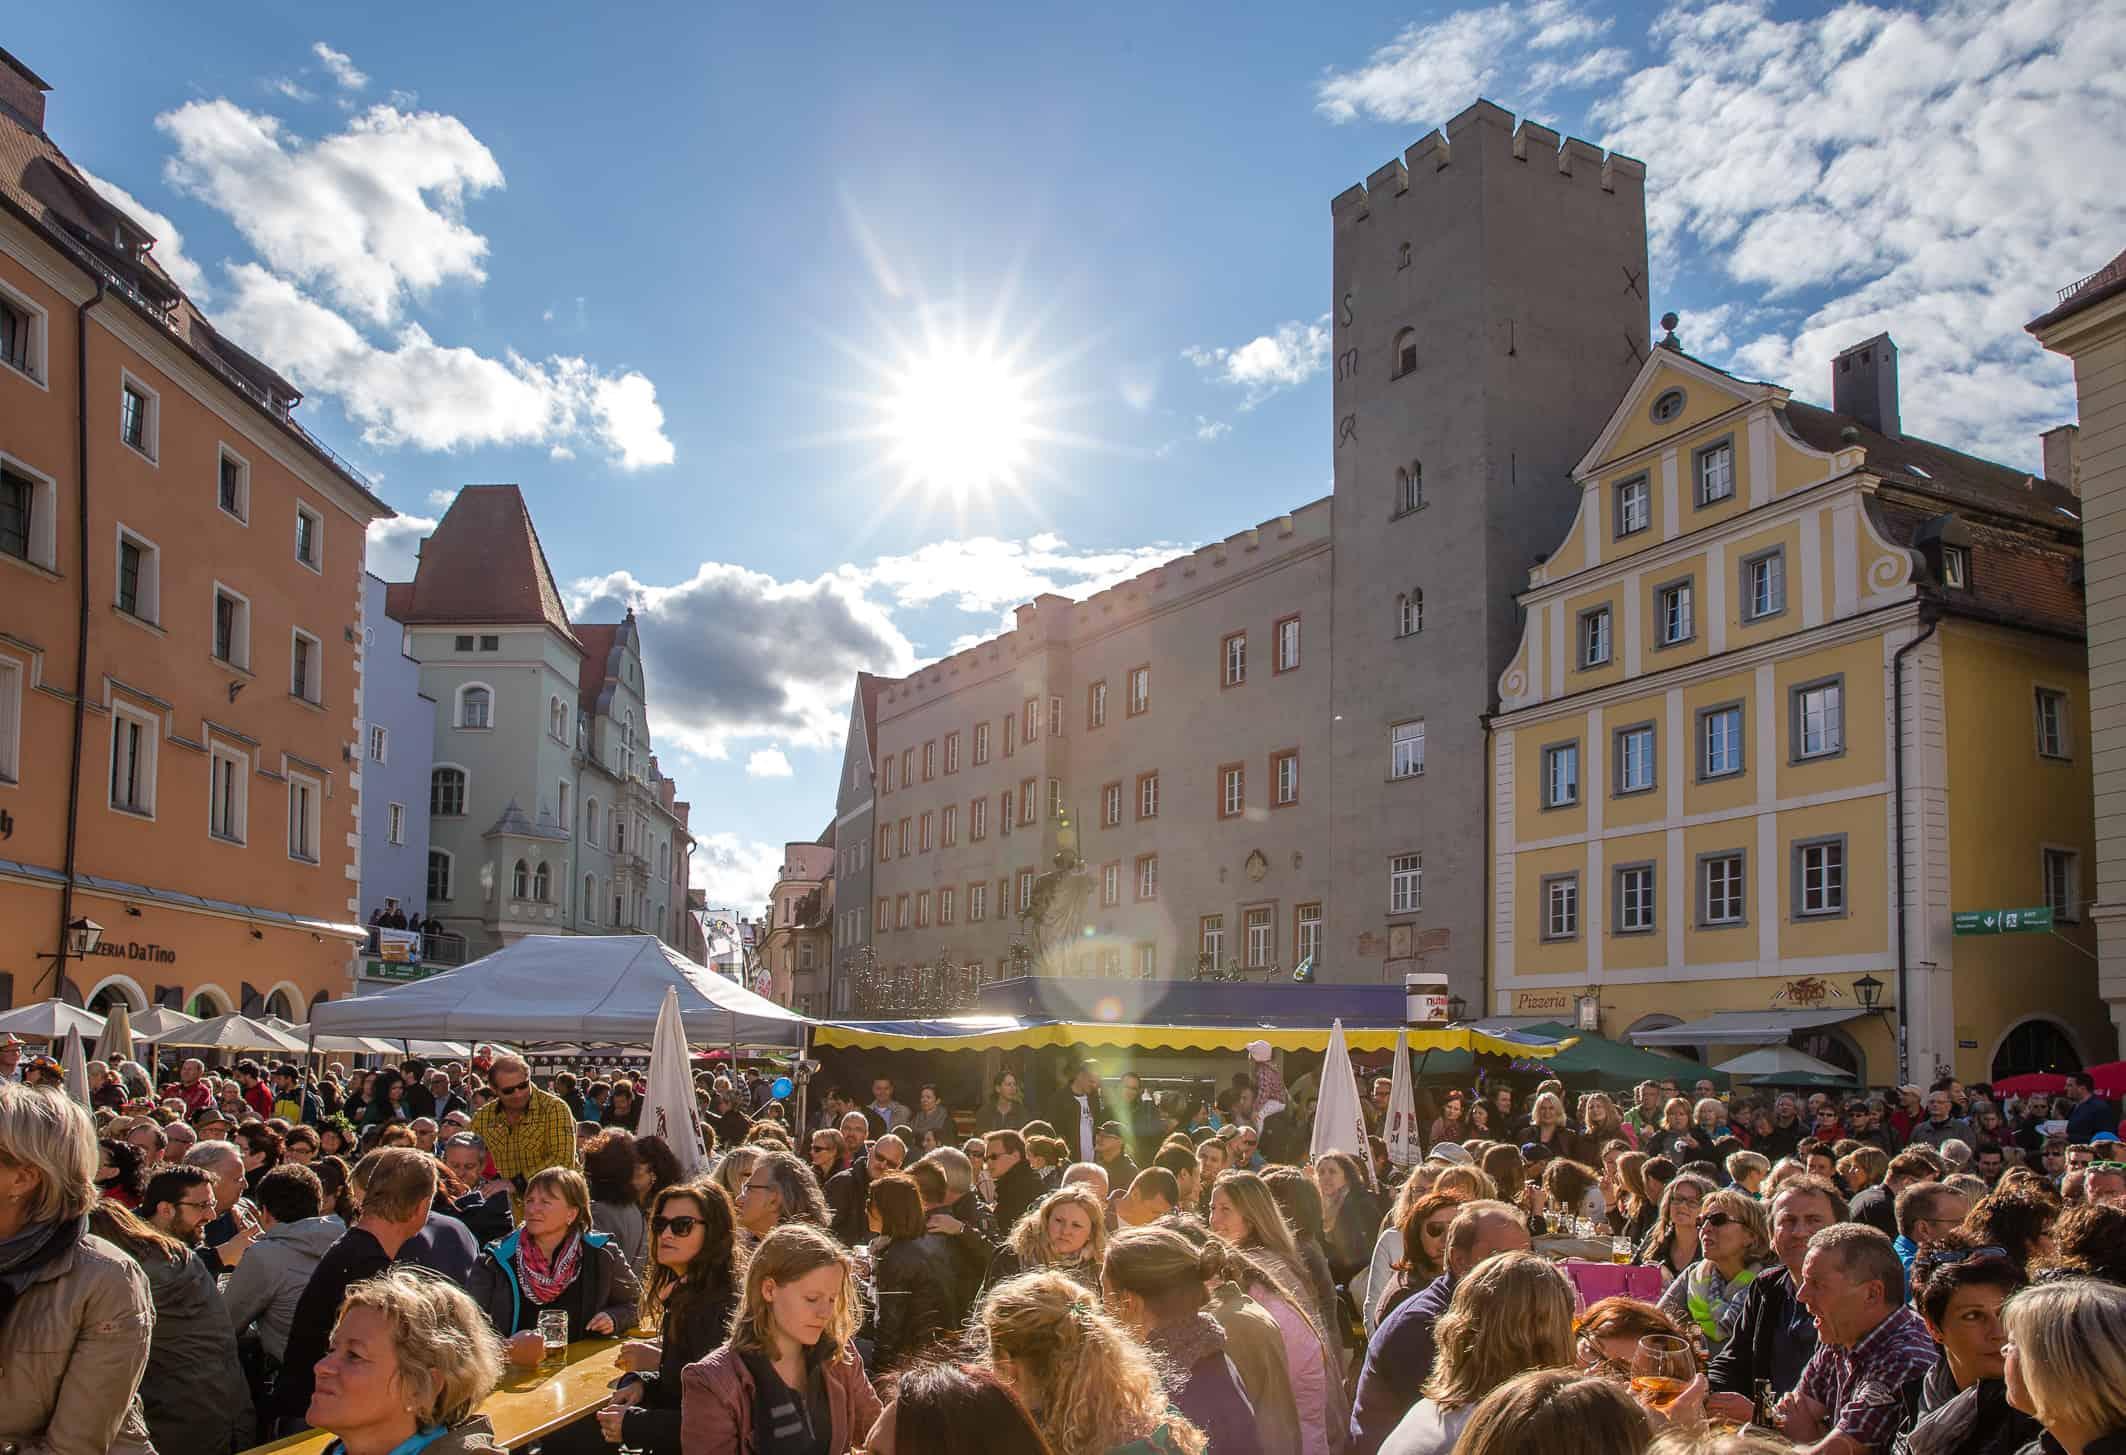 Bürgerfest Regensburg 2017: Die Regensburger feiern sich und ihre Stadt